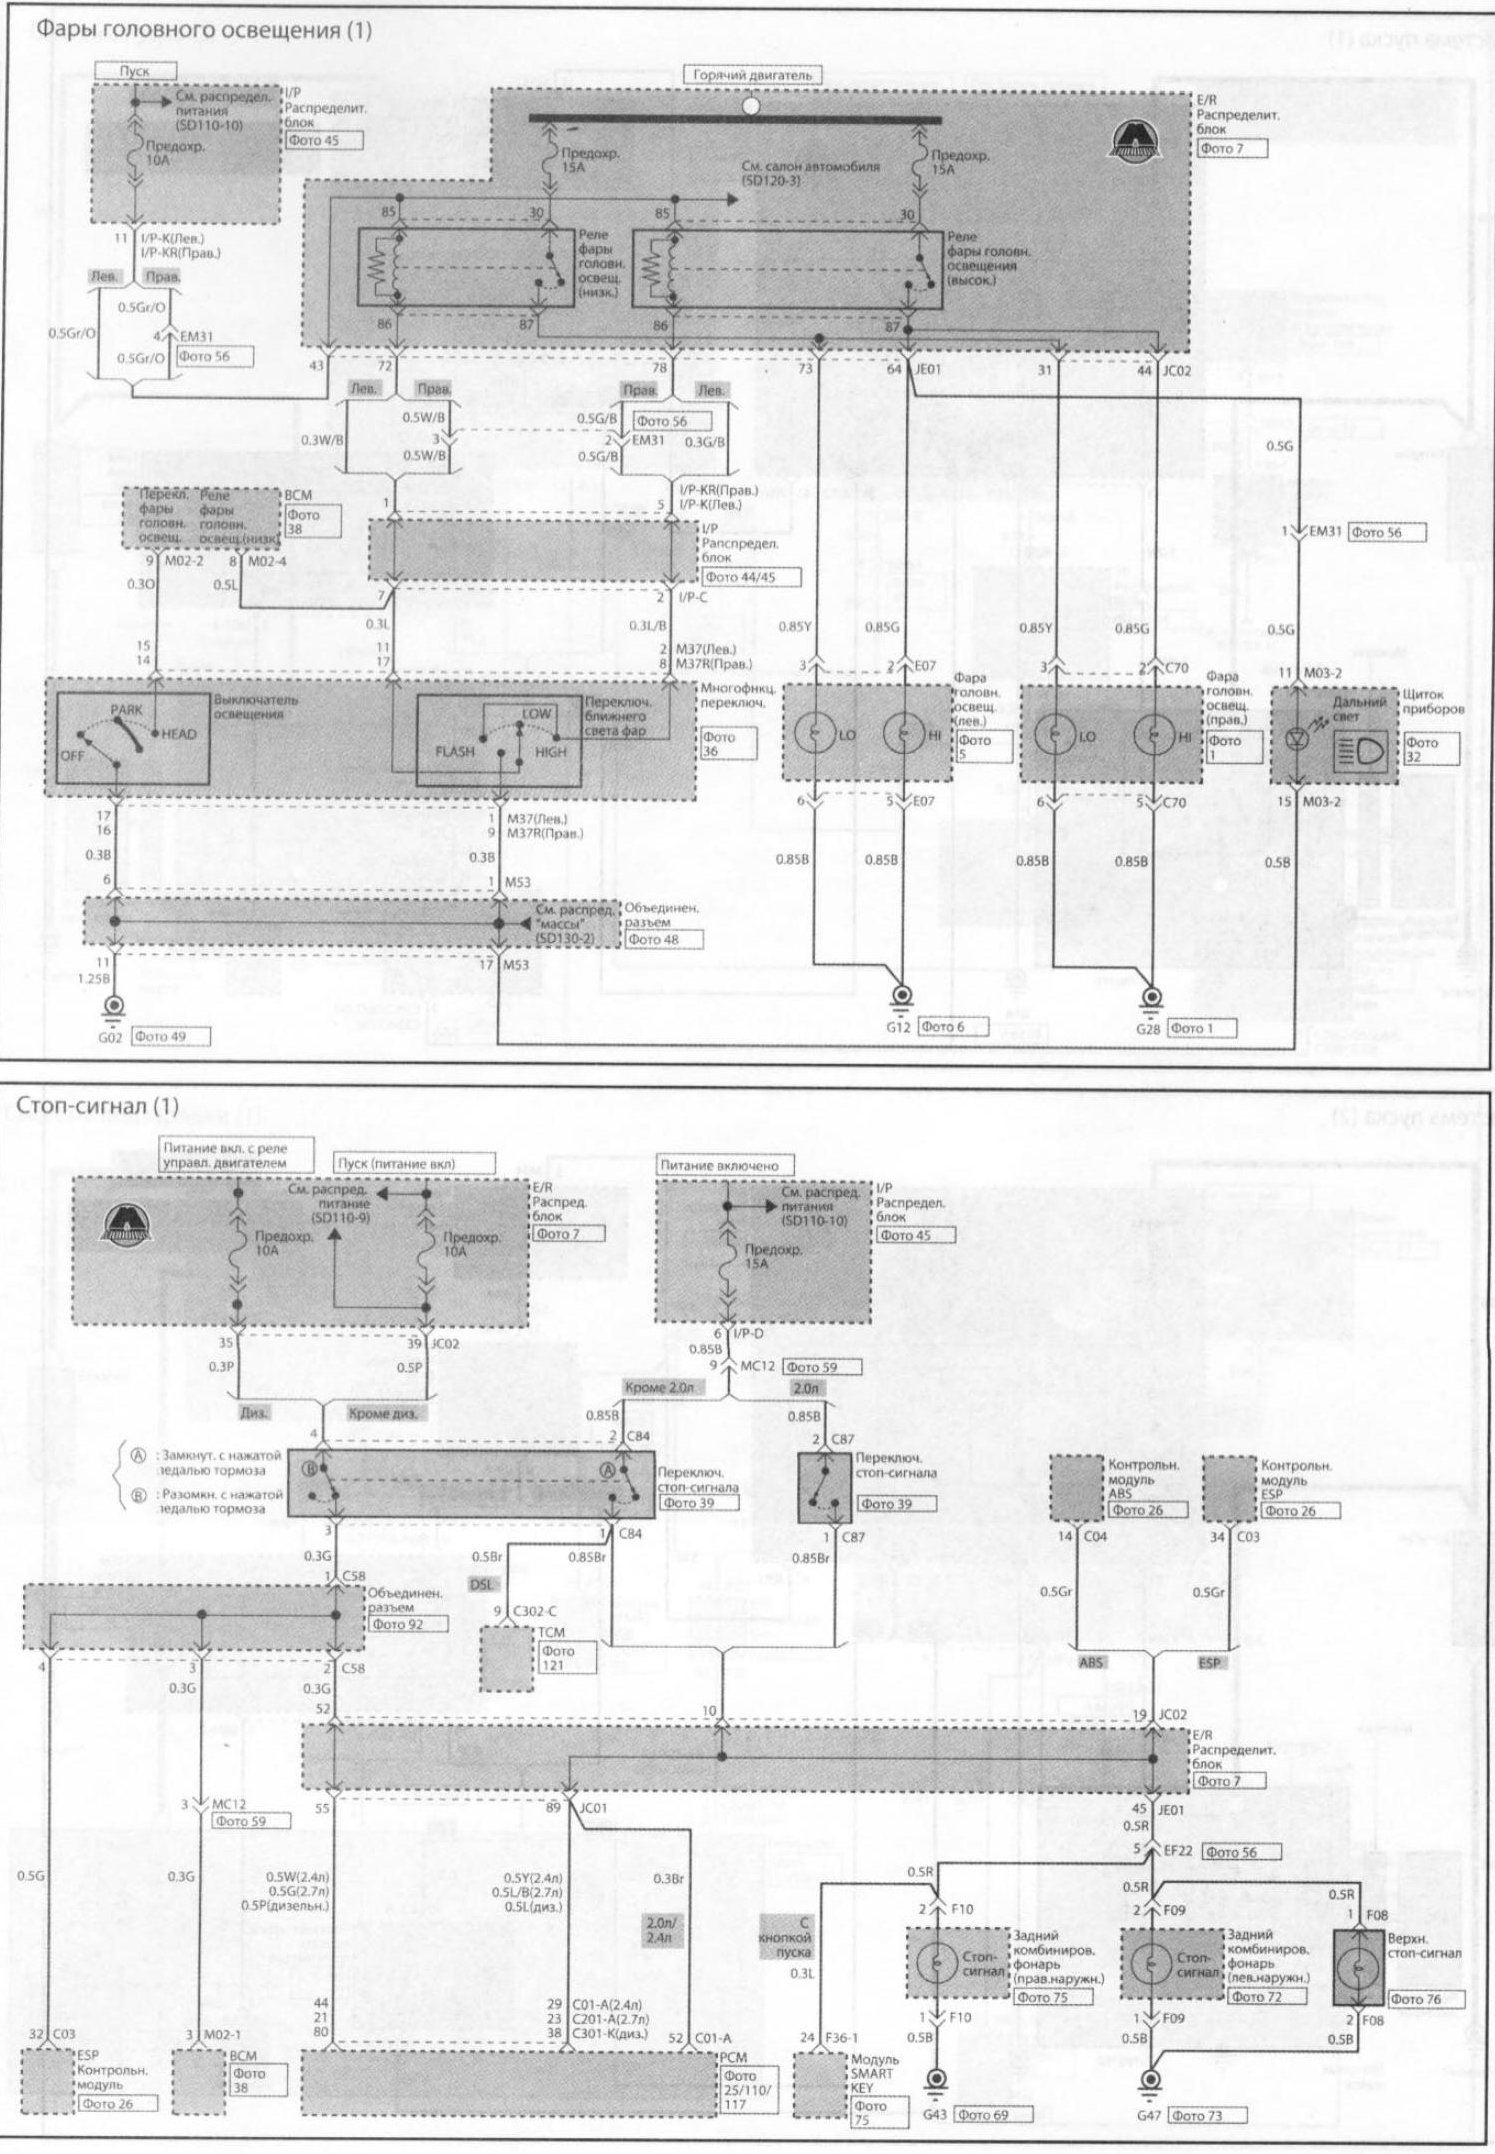 small resolution of kia wiring diagrams 11 11 nuerasolar co u2022kia car manuals wiring diagrams pdf fault codes